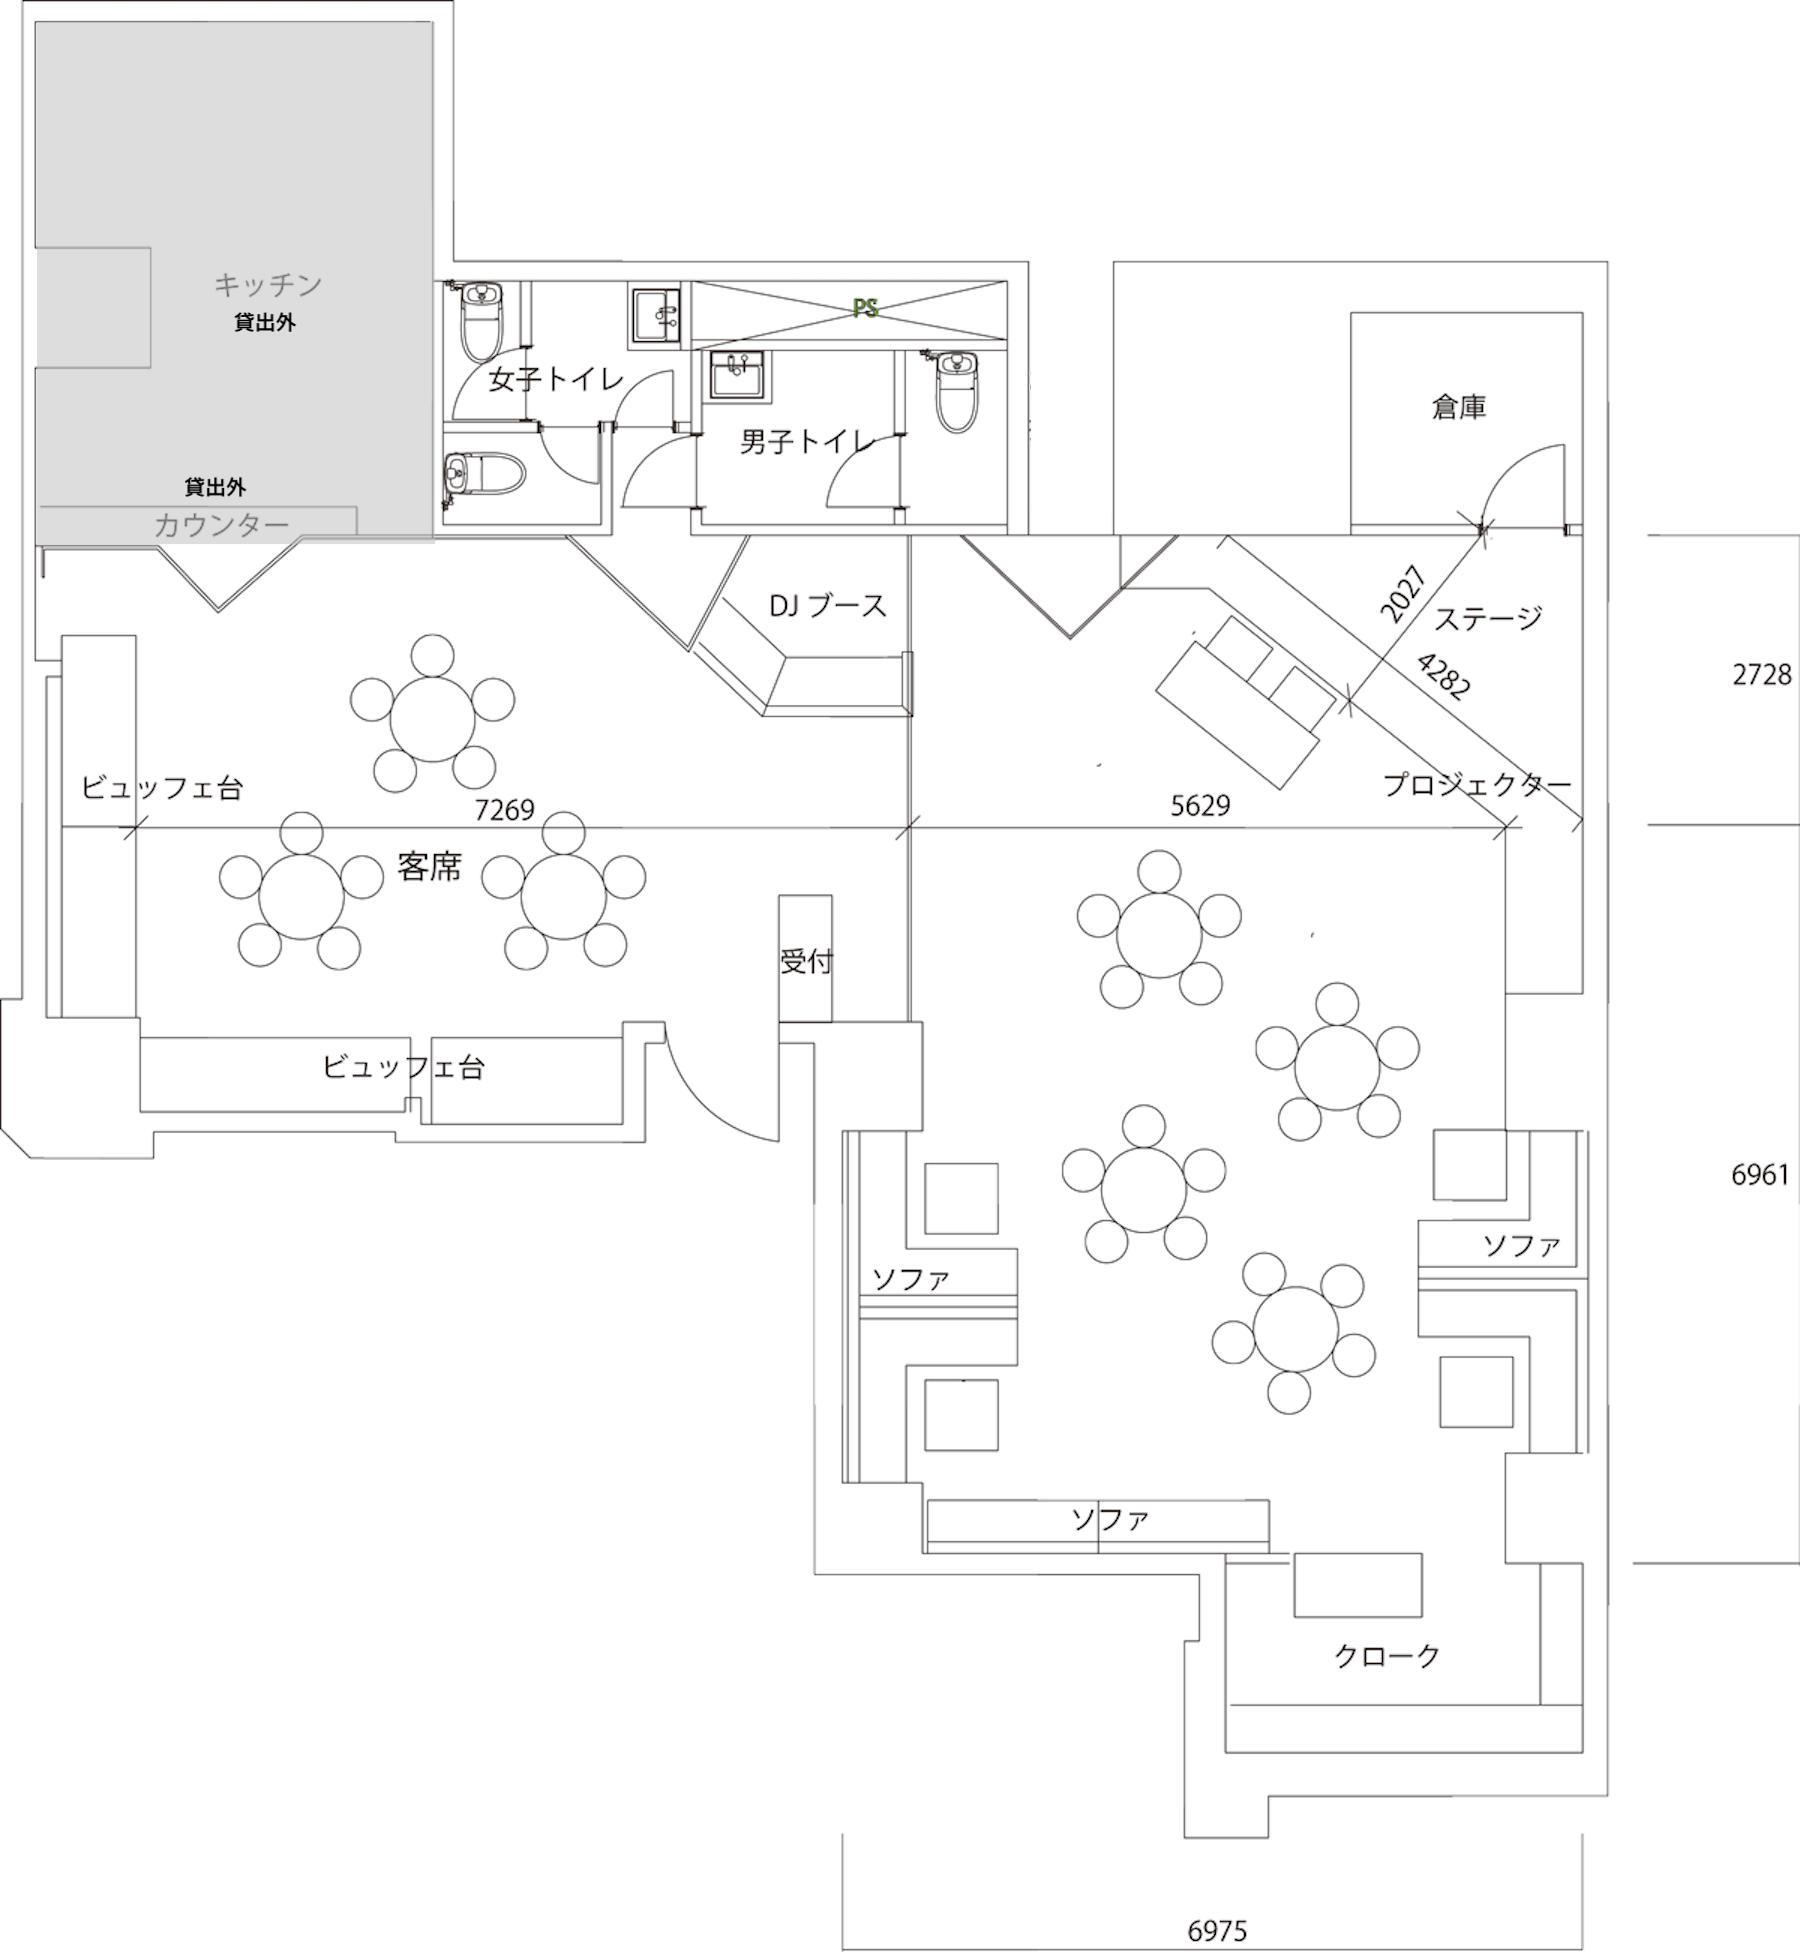 池袋CAFE店平面図